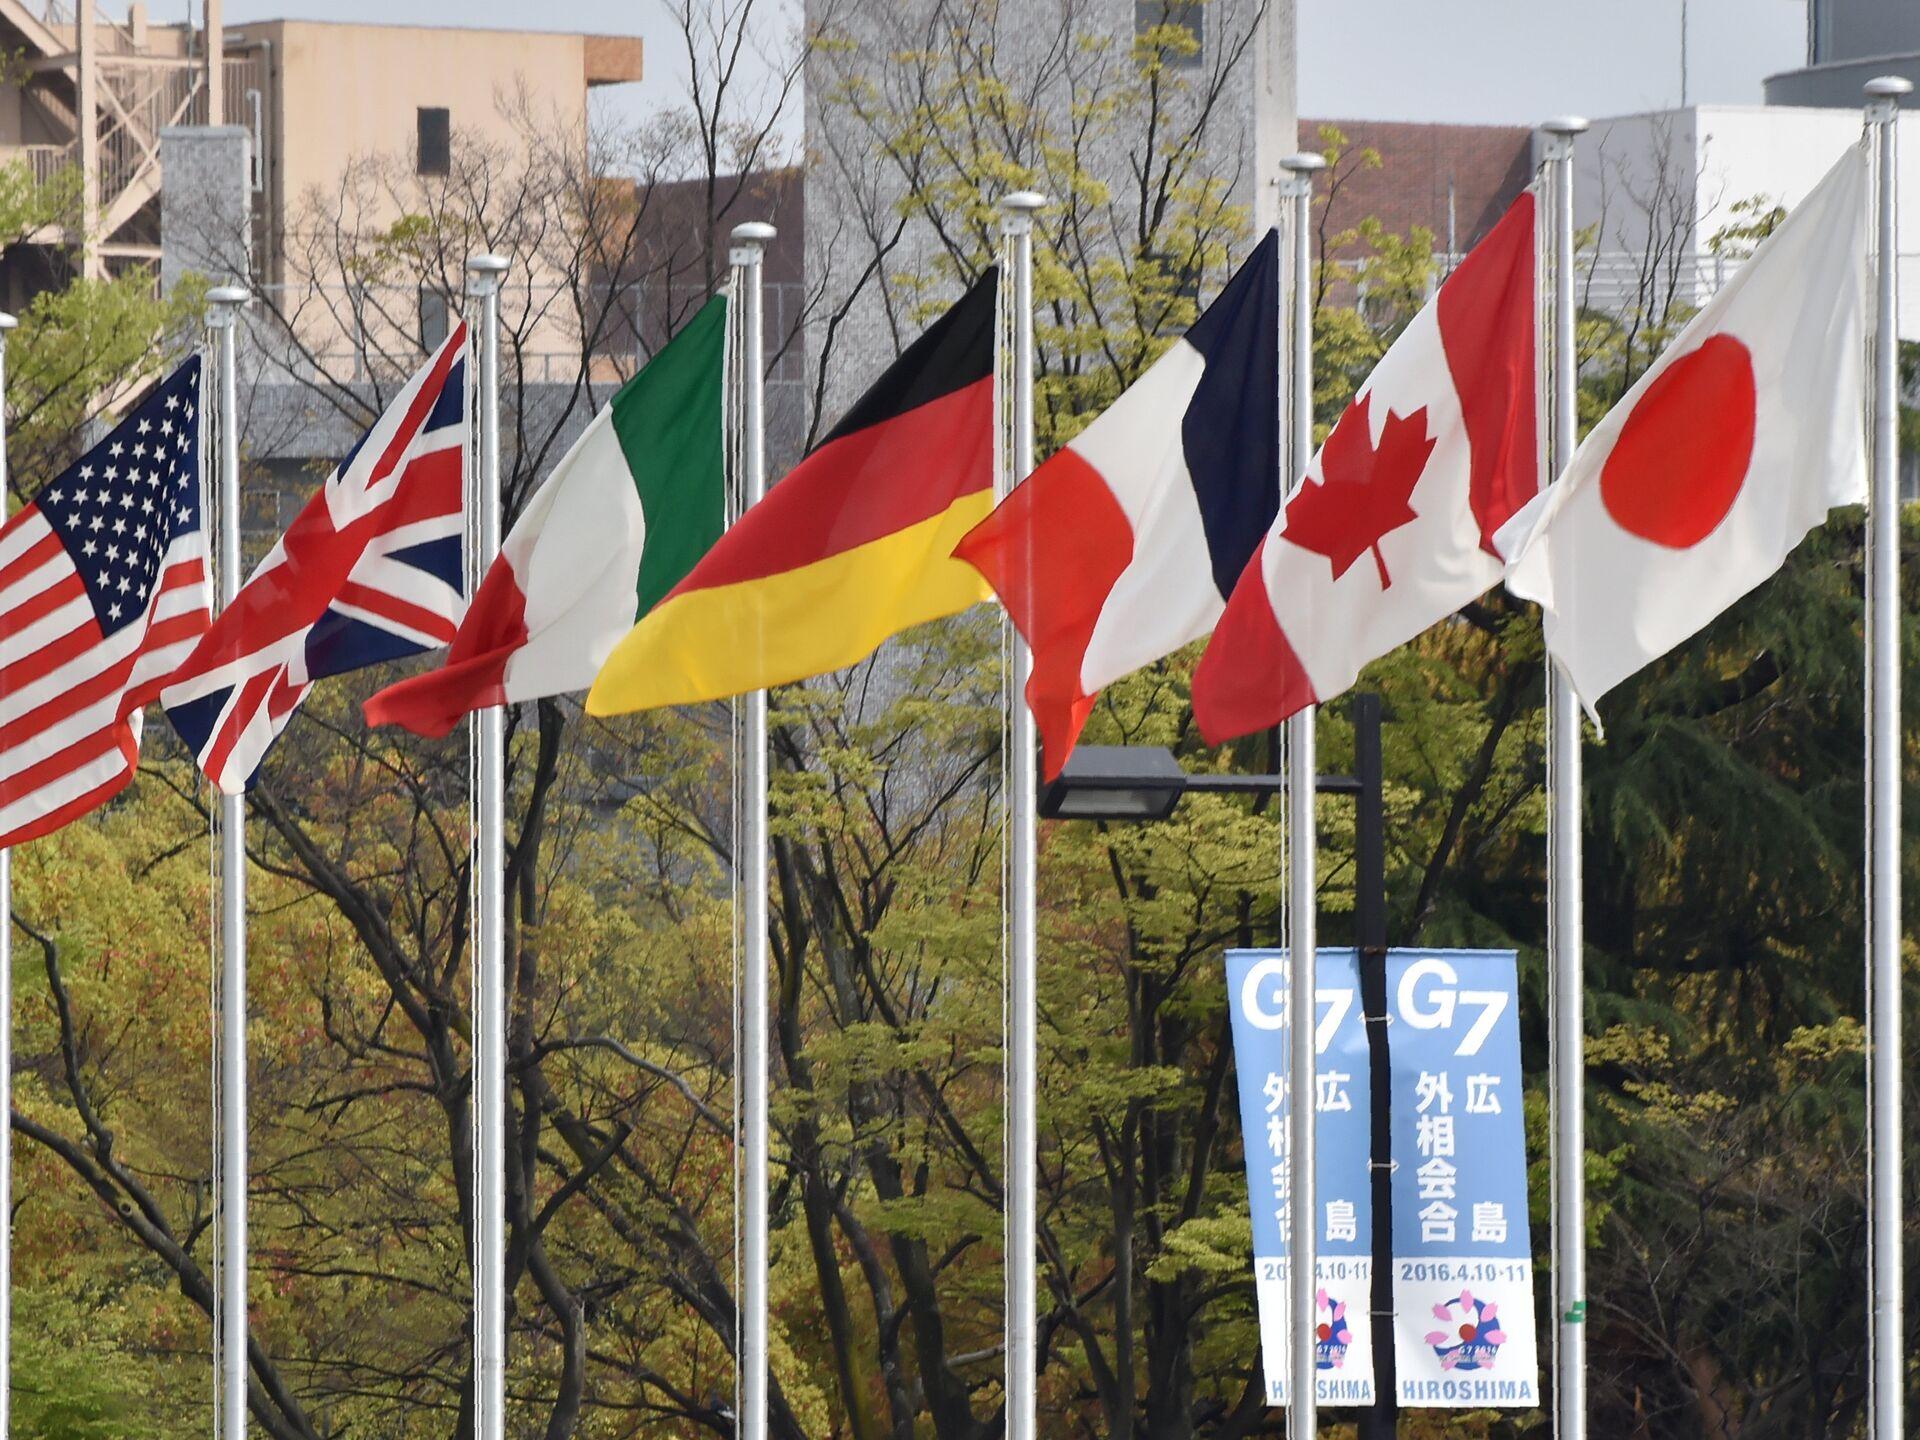 G7 se compromete a suspender pago de deuda de países más pobres afectados  por COVID-19 - 03.06.2020, Sputnik Mundo